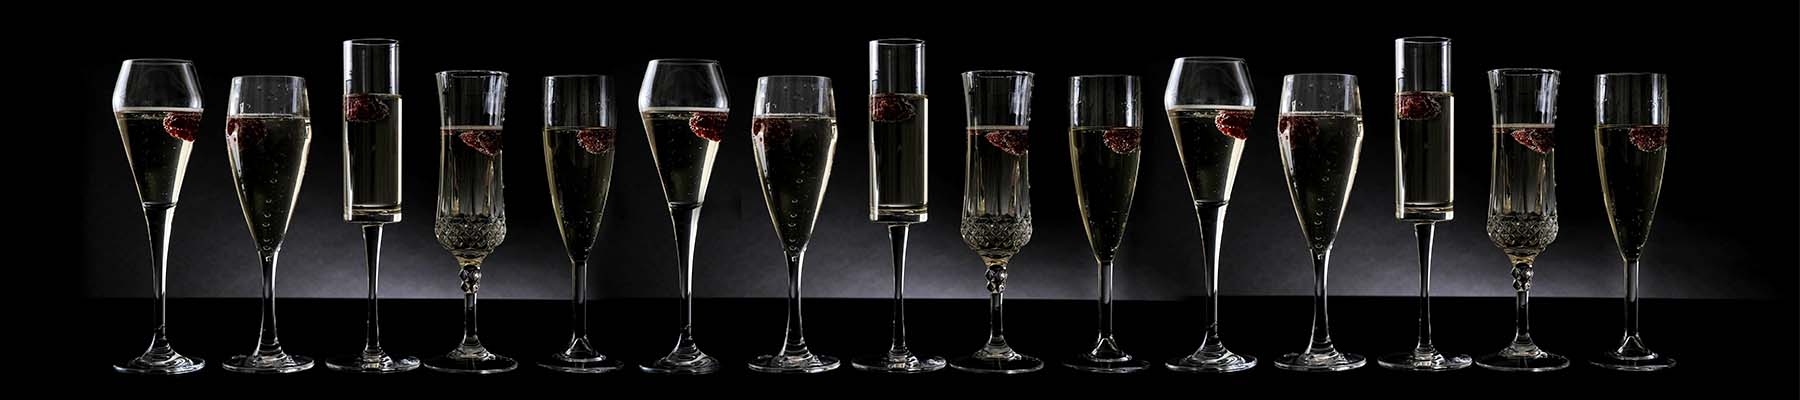 Champagne Plastic Glassware UK Delivery